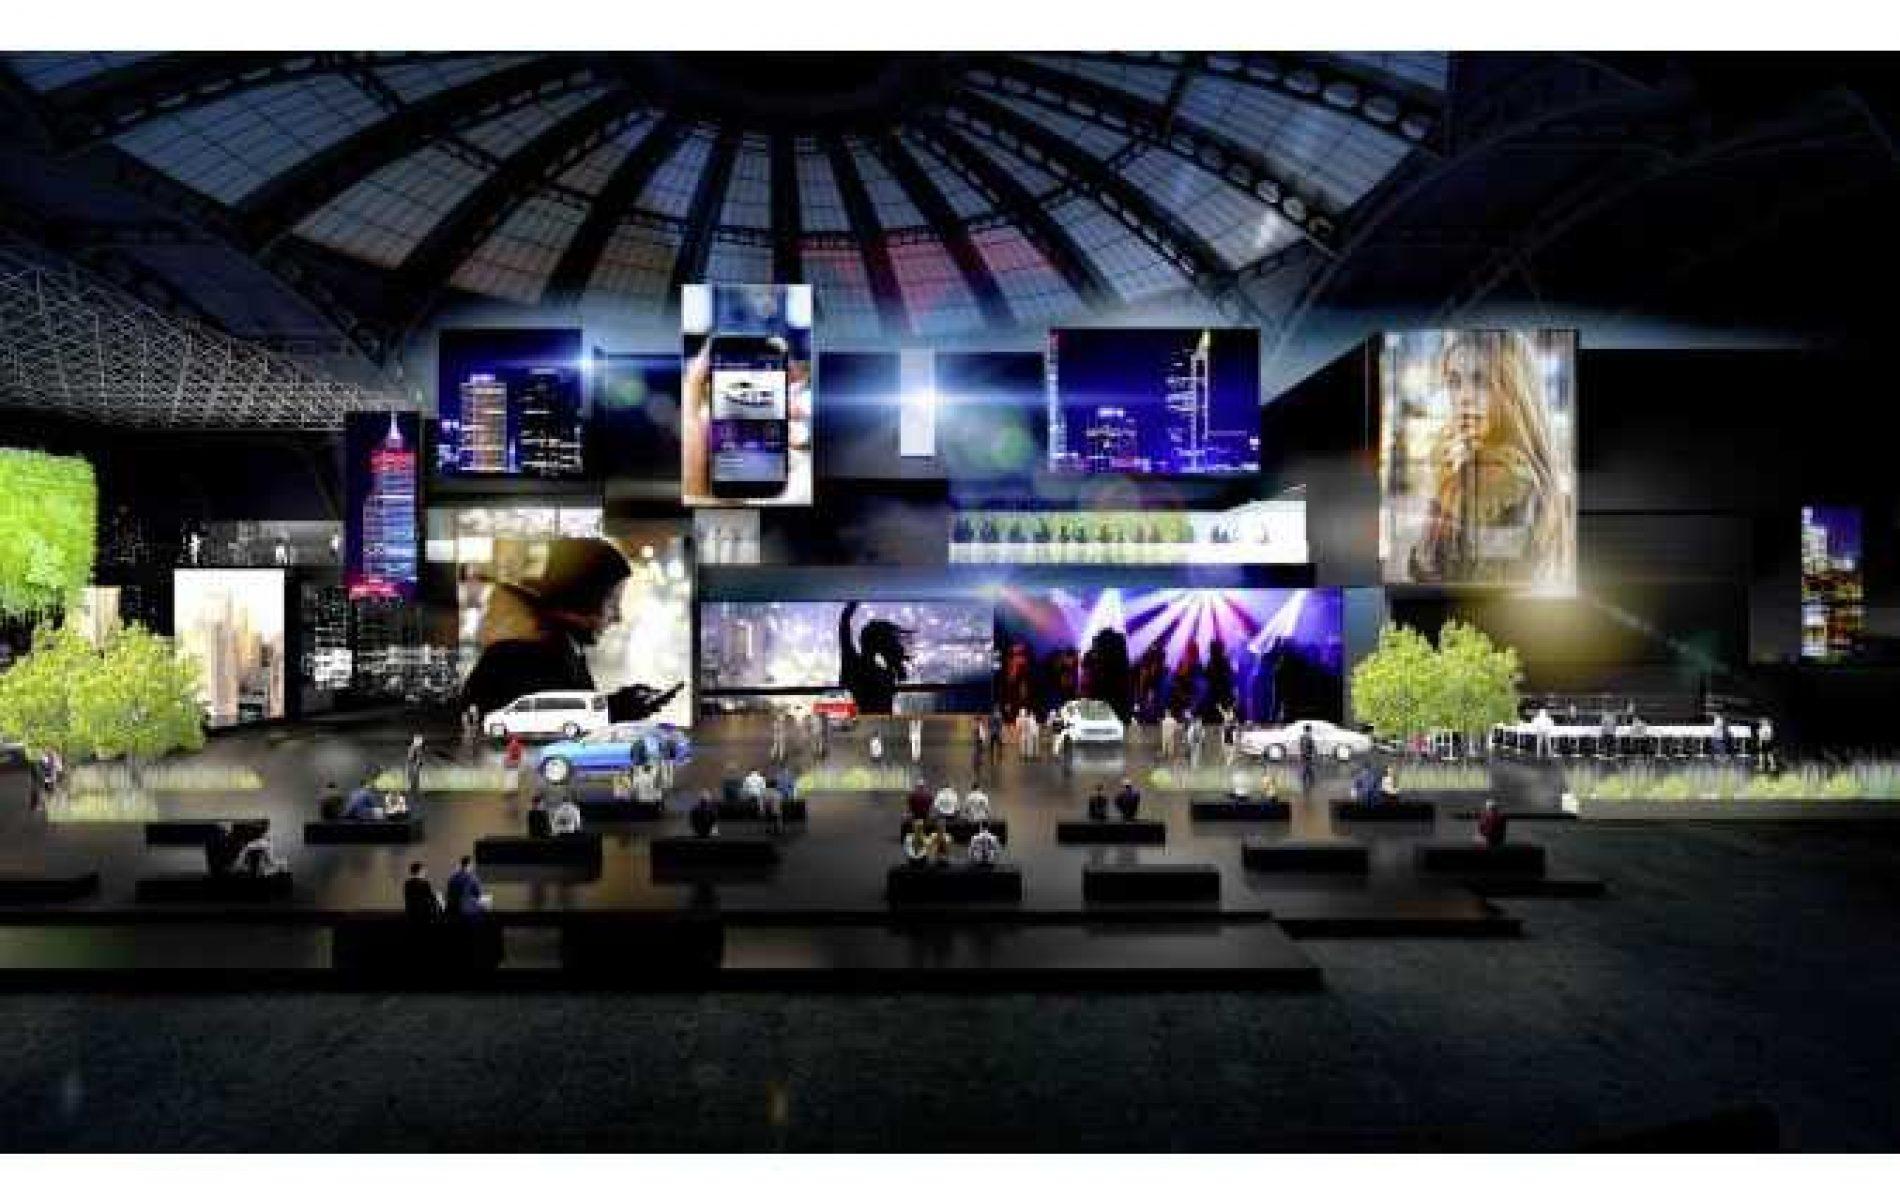 Mobilité durable : Mercedes-Benz Cars et Vans au Salon IAA, vers un futur sans émission